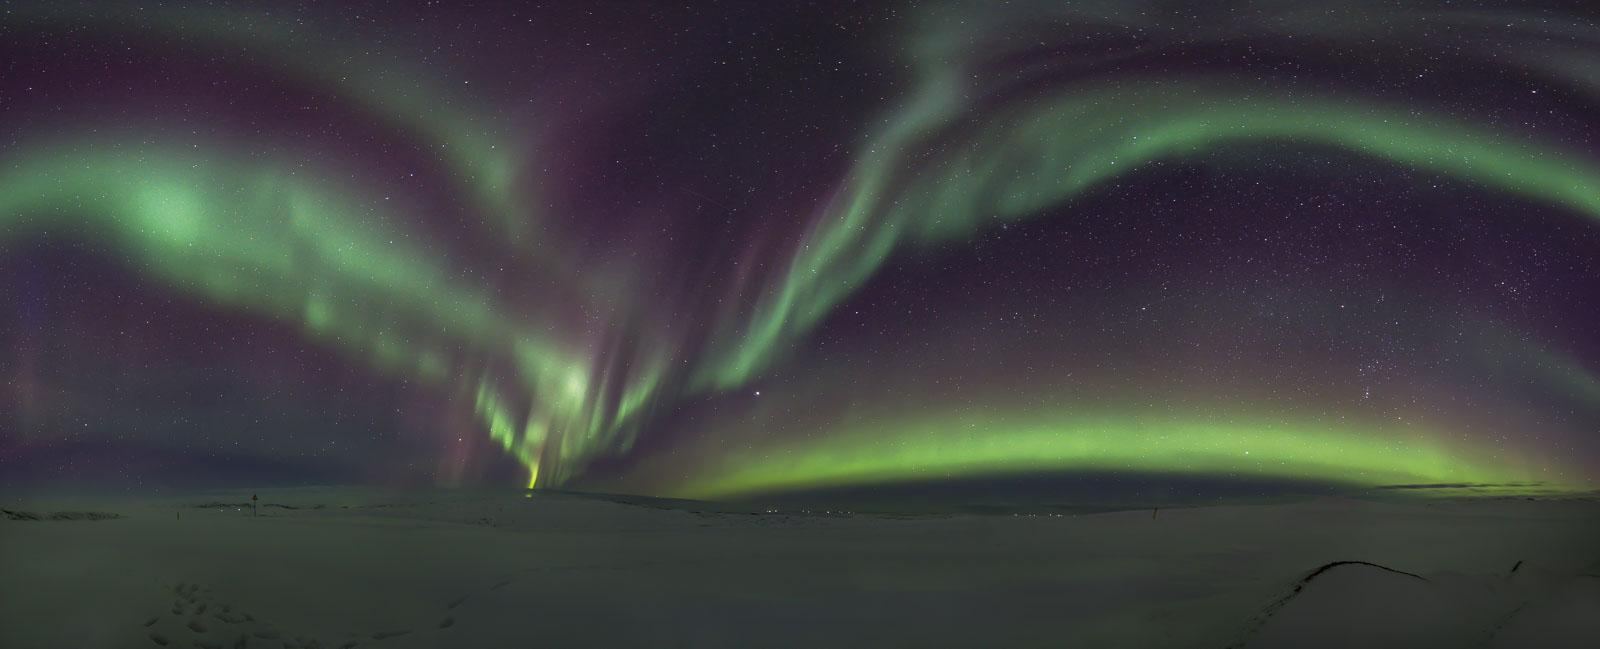 aurorapano-1.jpg